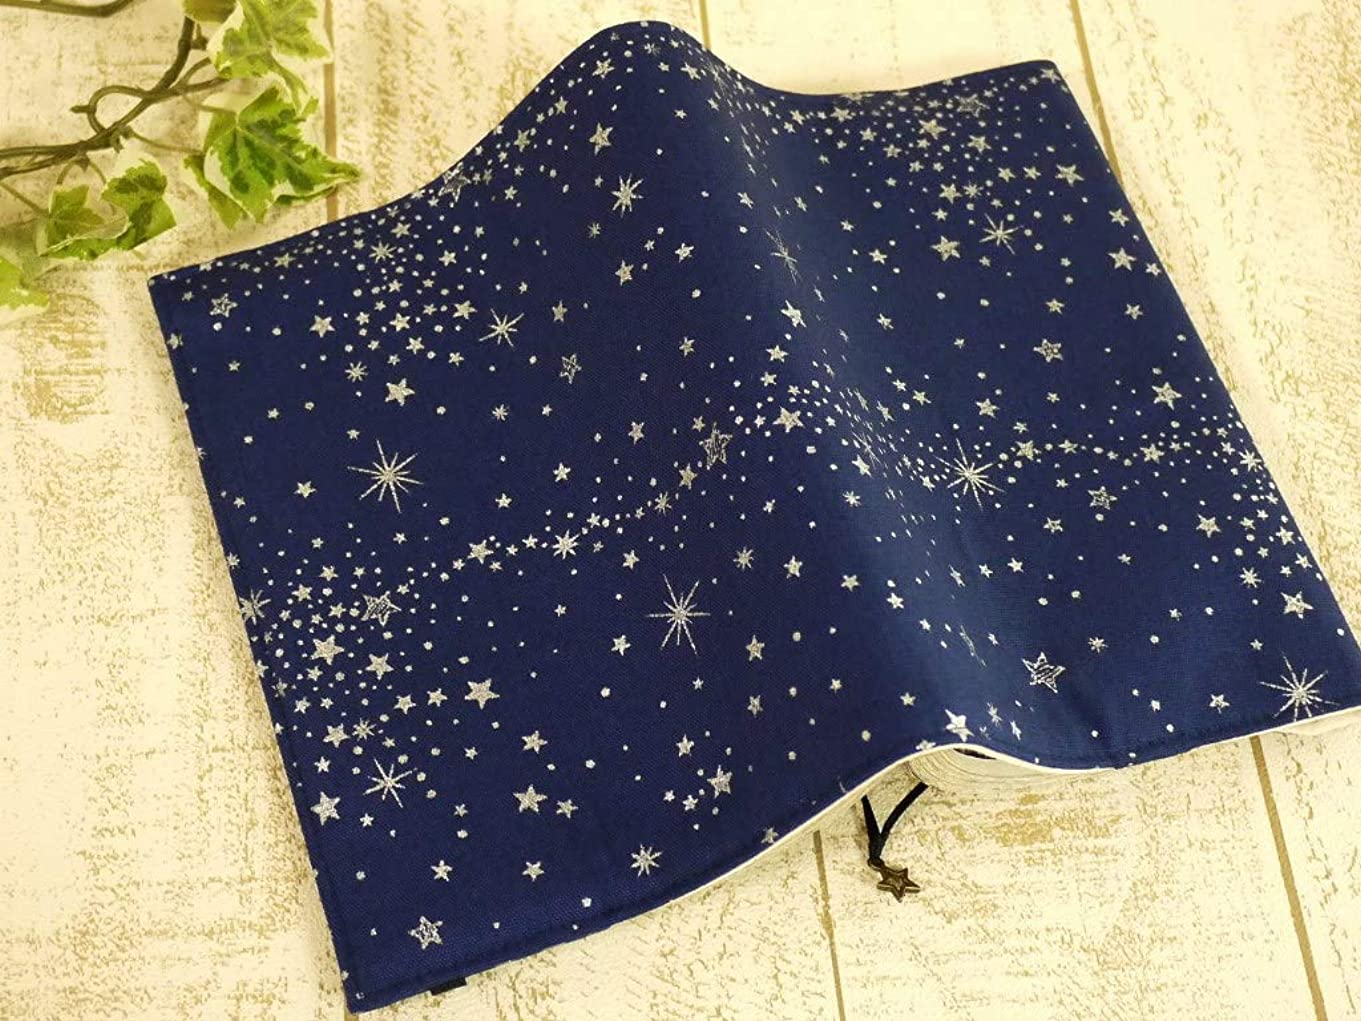 未知の落ち着いたマウスピース++proud++布製ブックカバー/B6サイズ[コミック]18.3×13++星[青/銀ラメ]ゴム付き++